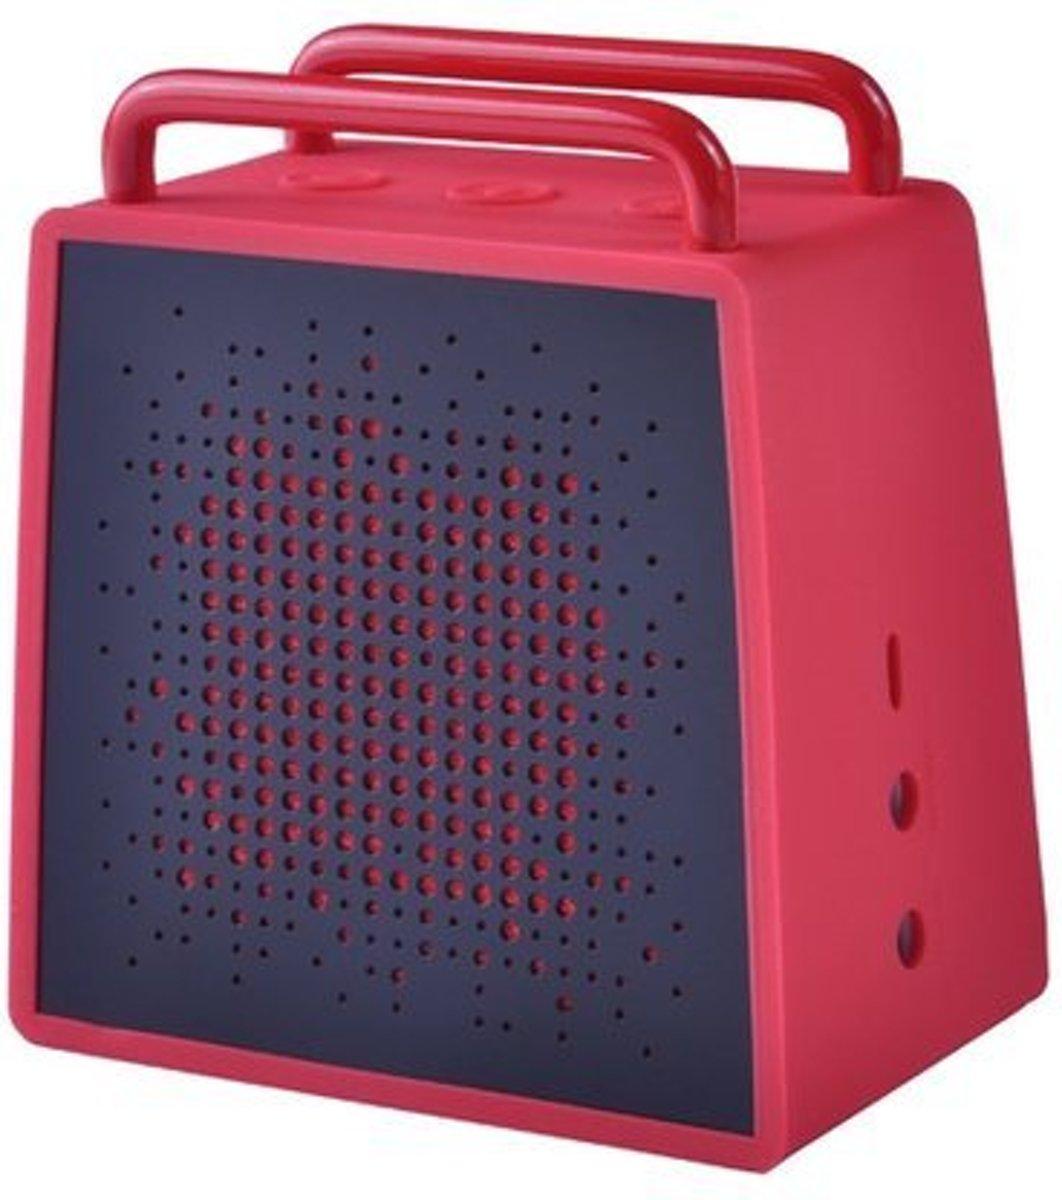 Antec SP-0 Bluetooth Speaker - Waterbestendig - Rood